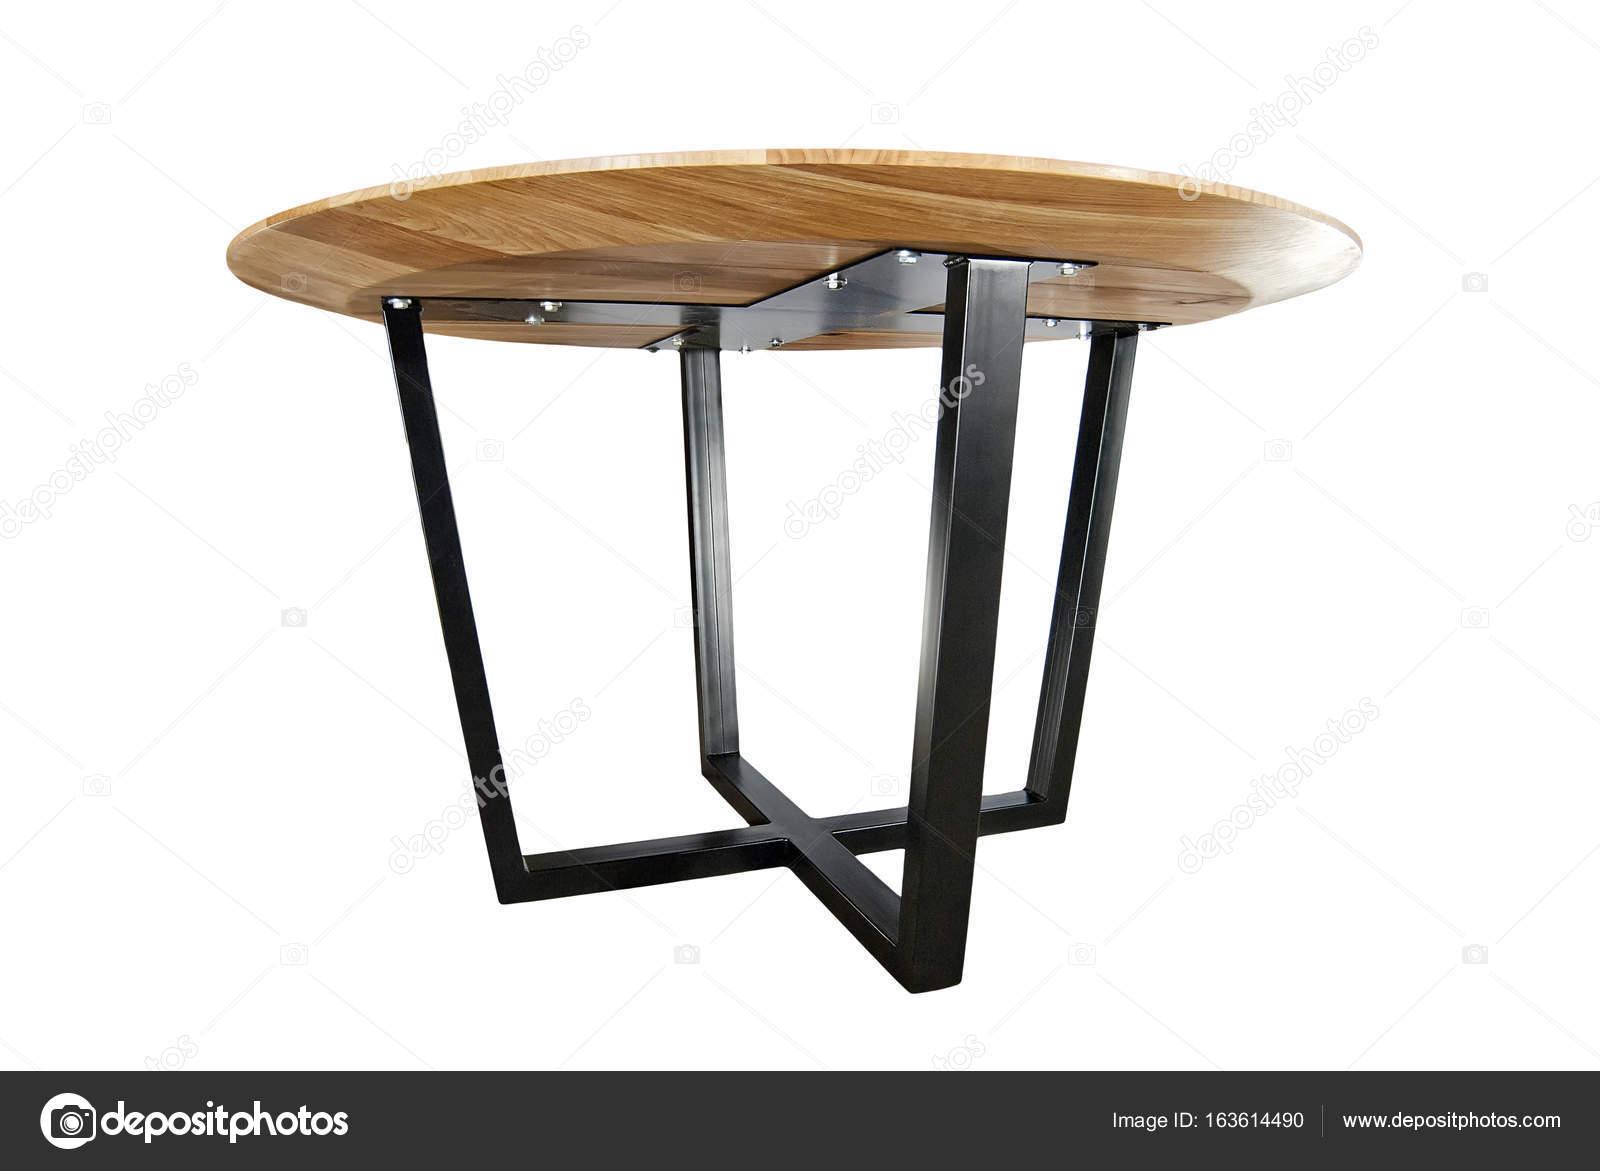 Gambe In Ferro Per Tavoli Di Legno.Tavolo In Legno Con Gambe In Ferro Foto Stock C Docentfoto Mail Ru